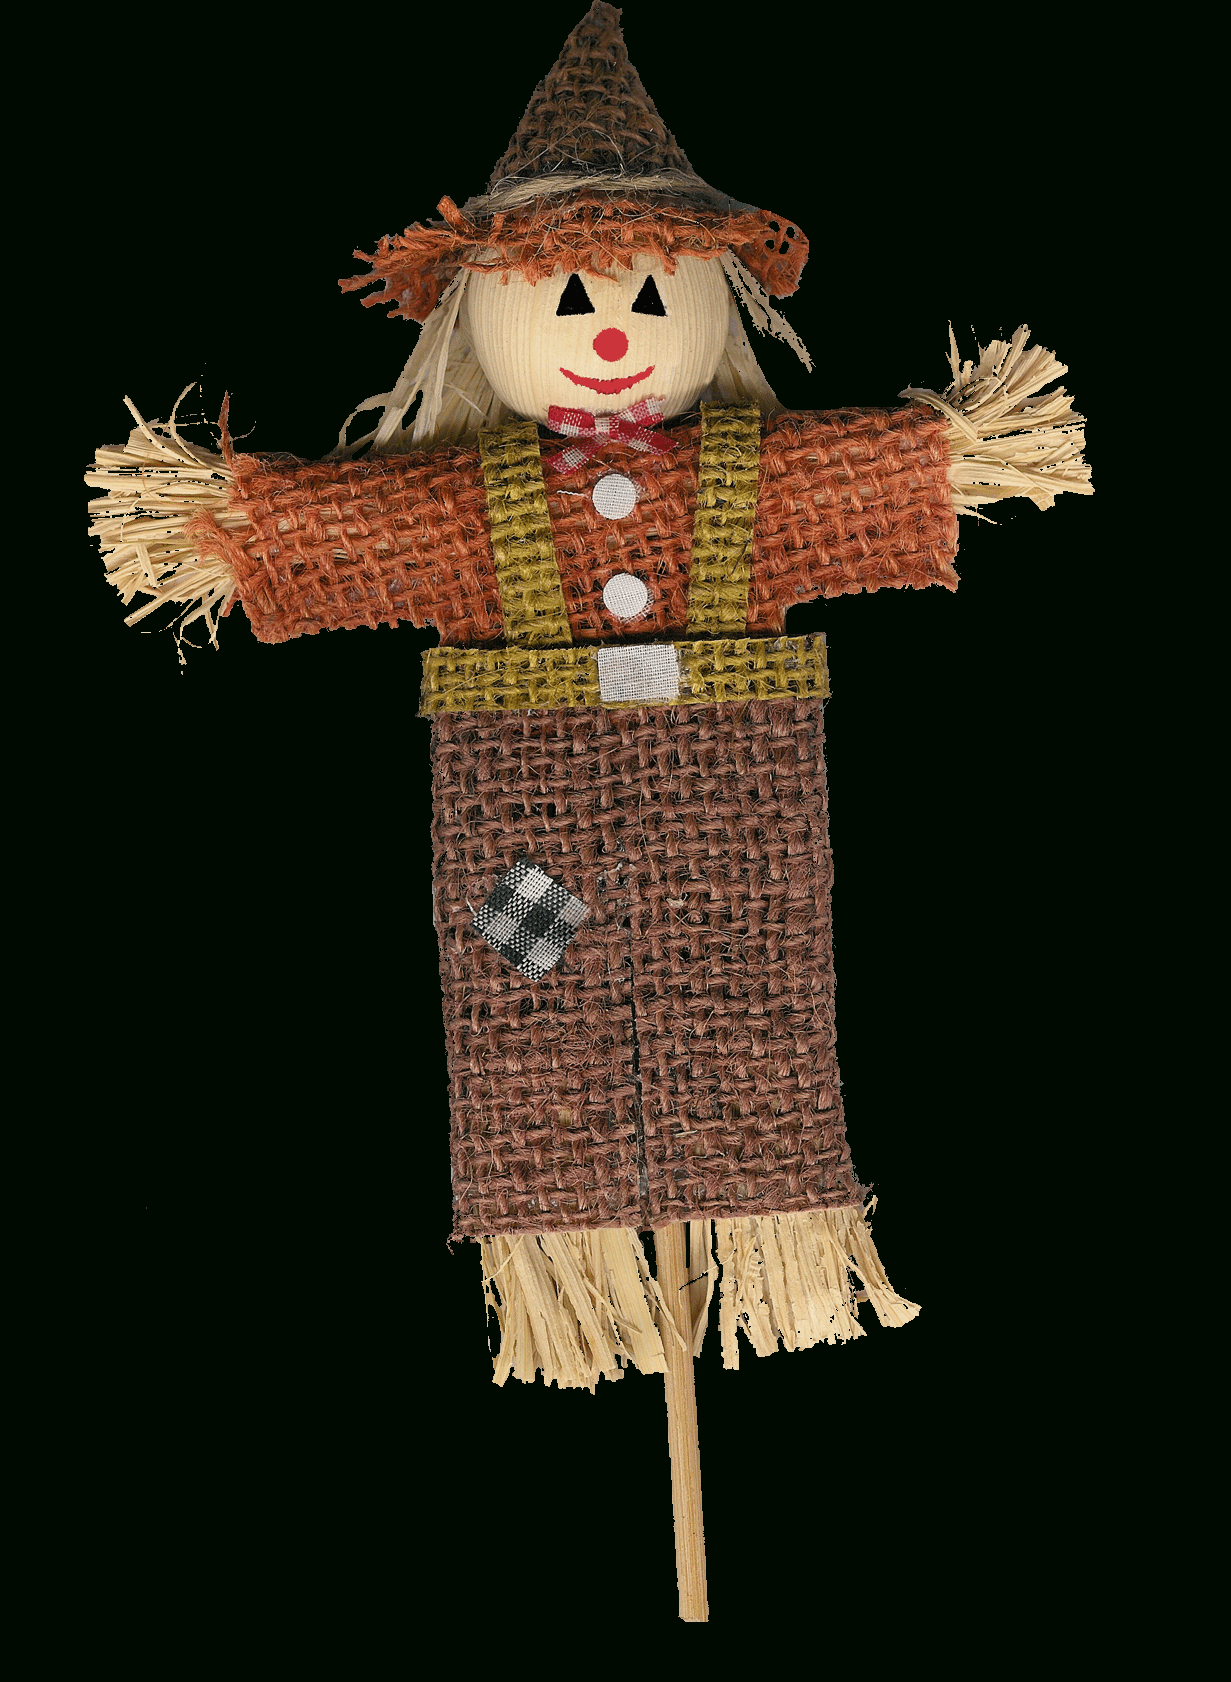 Épouvantail - Clipart Épouvantail - Scarecrow intérieur Épouvantail Dessin